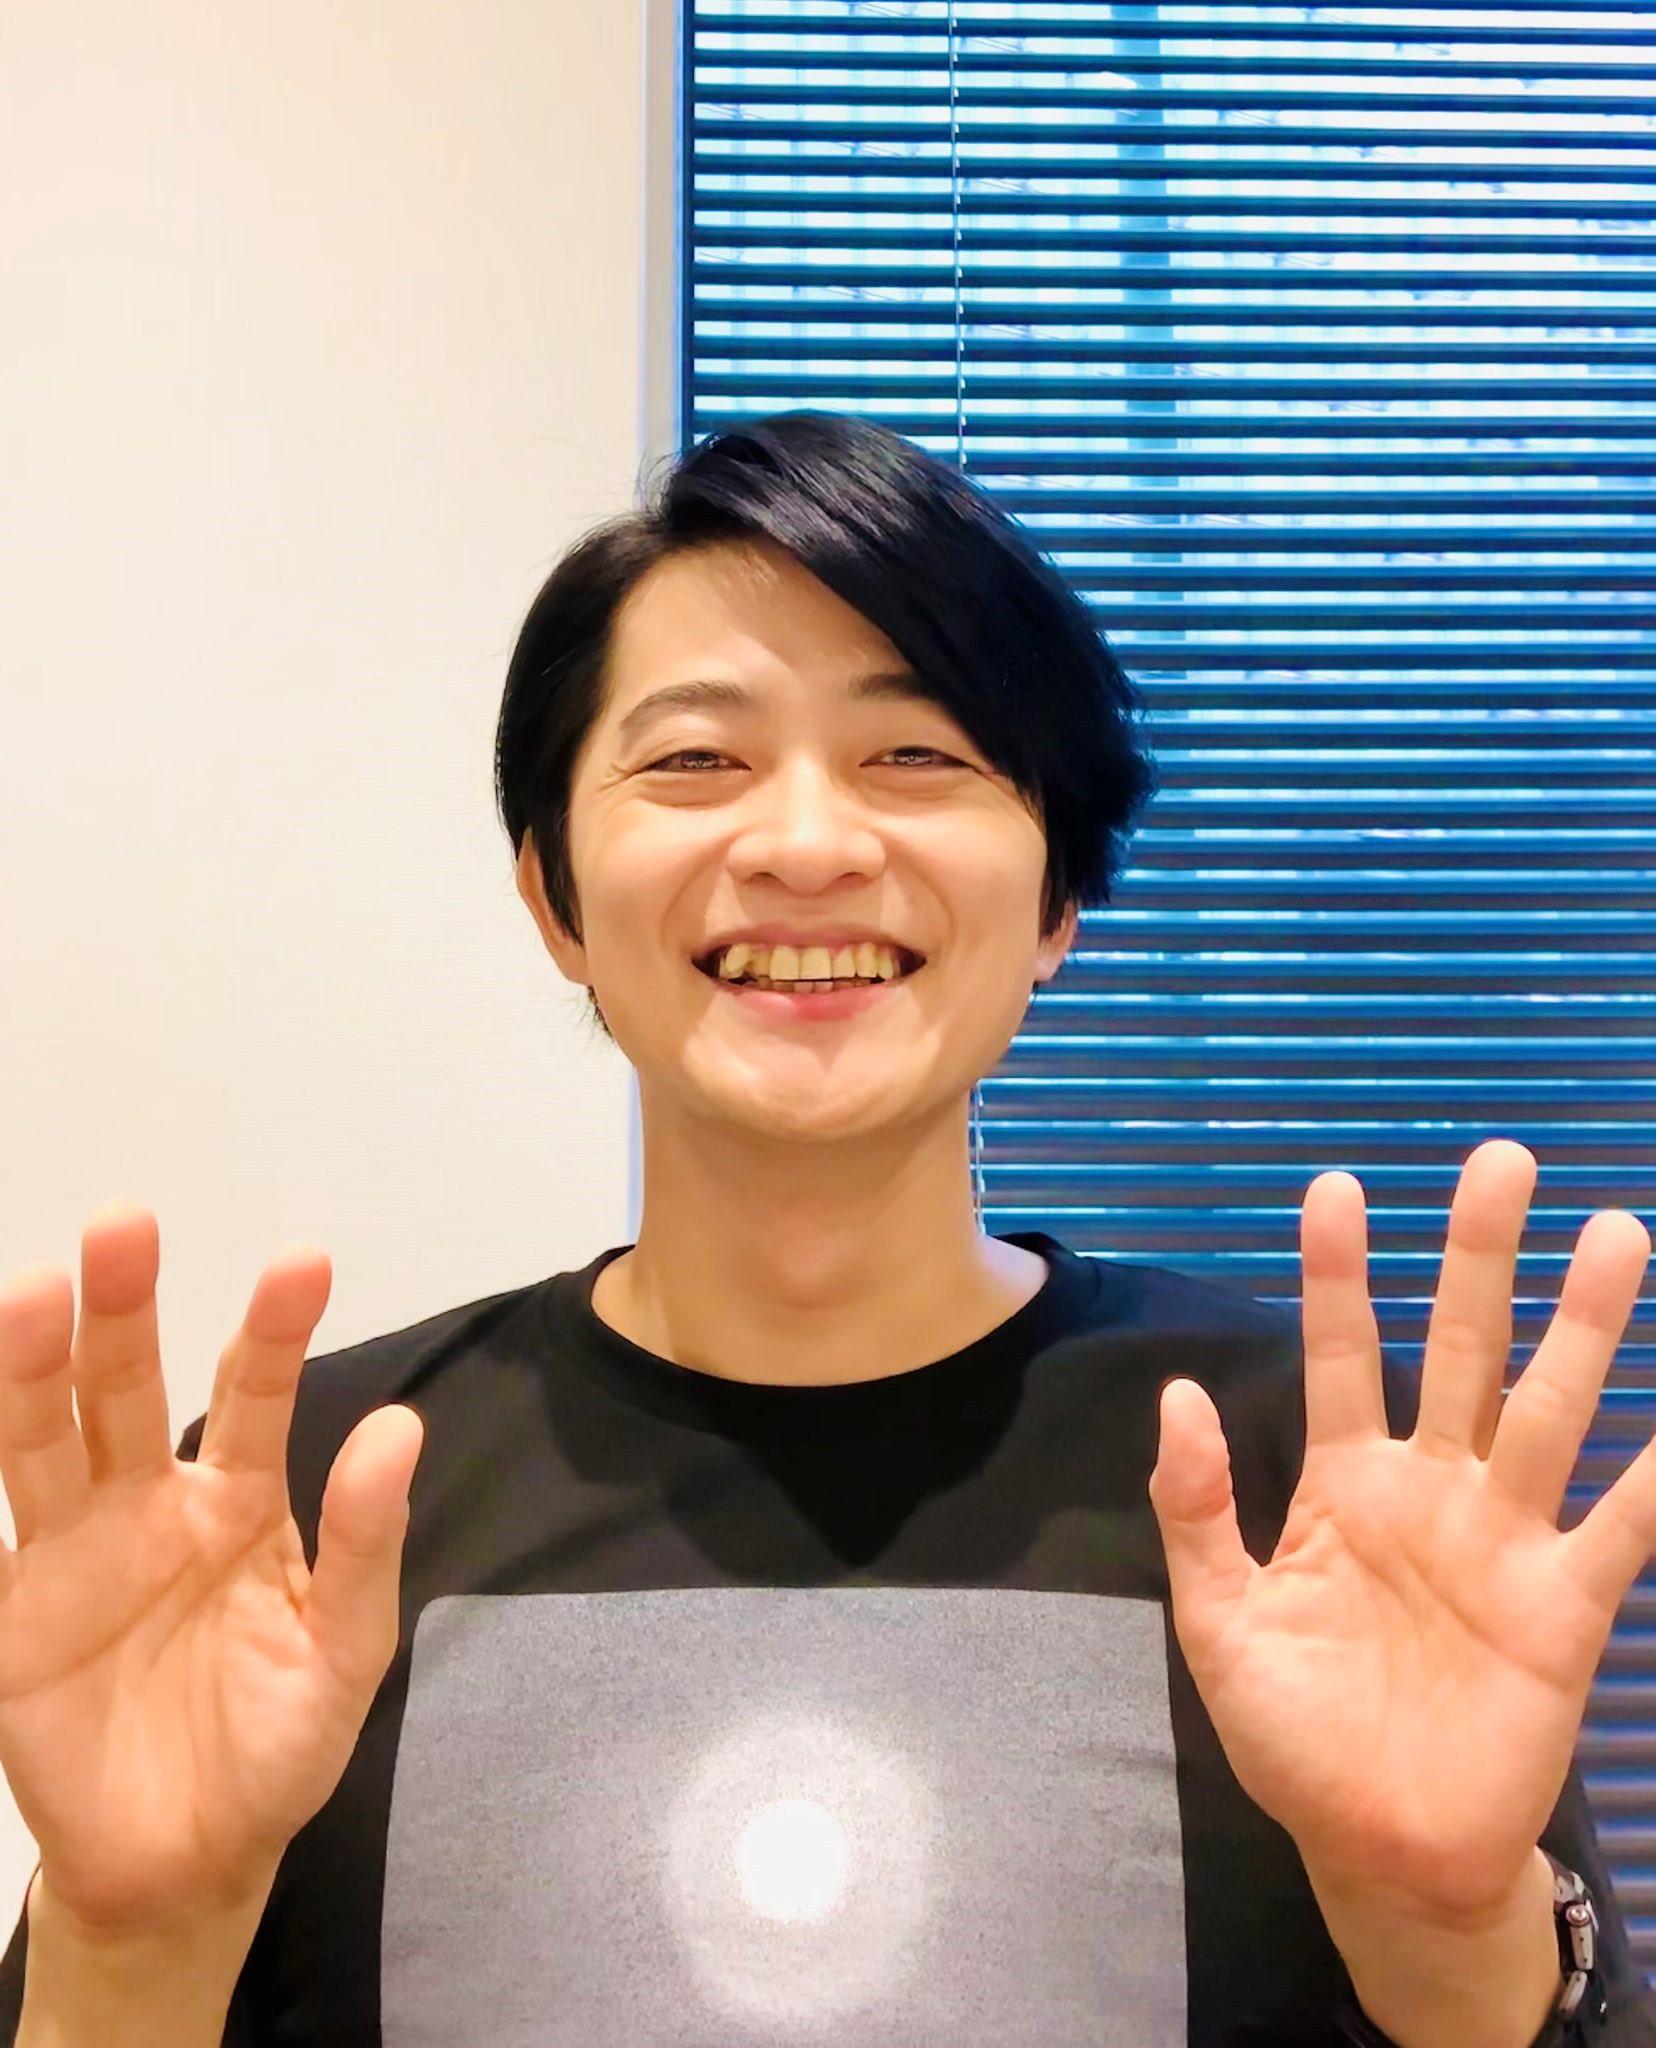 声優・下野紘の顔